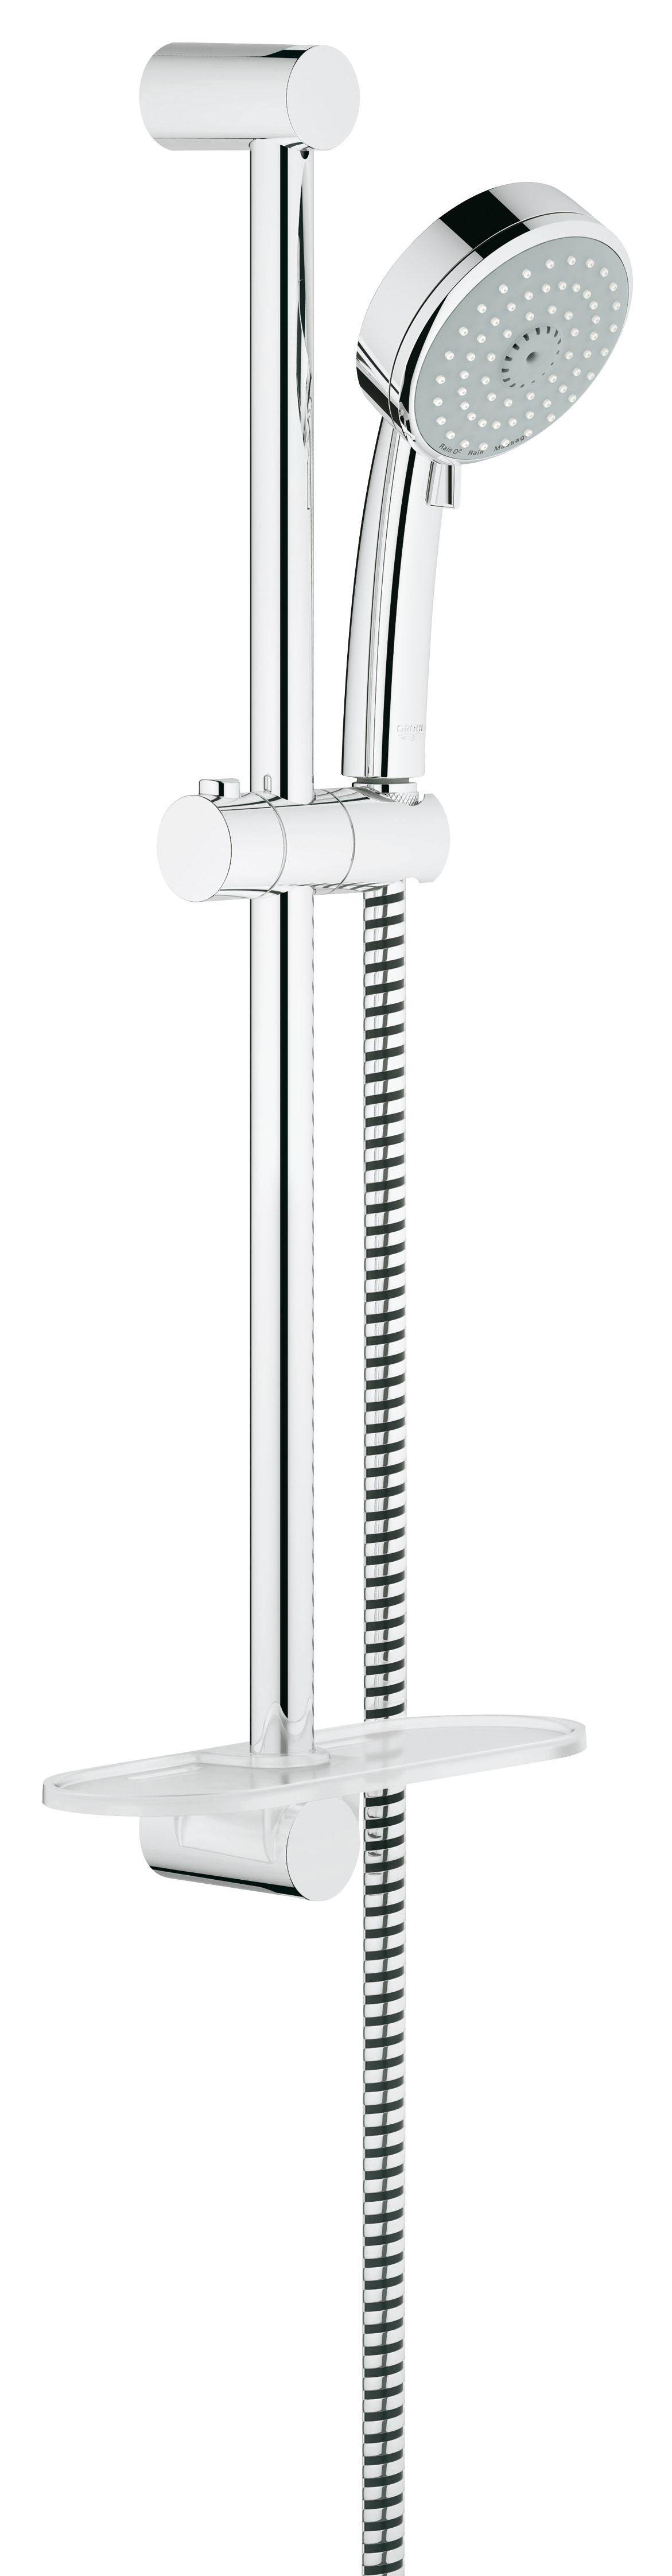 Душевой гарнитур Grohe Tempesta Cosmopolitan 100, 3 режима. (27929001)BL505Состоит из Ручной душ (27 572 001) Душевая штанга, 600 мм (27 521 000) Душевой шланг Relexaflex 1750 мм 1/2? x 1/2? (28 154 000) Полочка GROHE EasyReach™(27 596 000) GROHE DreamSpray превосходный поток воды GROHE StarLight хромированная поверхностьС системой SpeedClean против известковых отложений Внутренний охлаждающий канал для продолжительного срока службы Может использоваться с проточным водонагревателем Минимальное давление 1,0 барВидео по установке является исключительно информационным. Установка должна проводиться профессионалами!